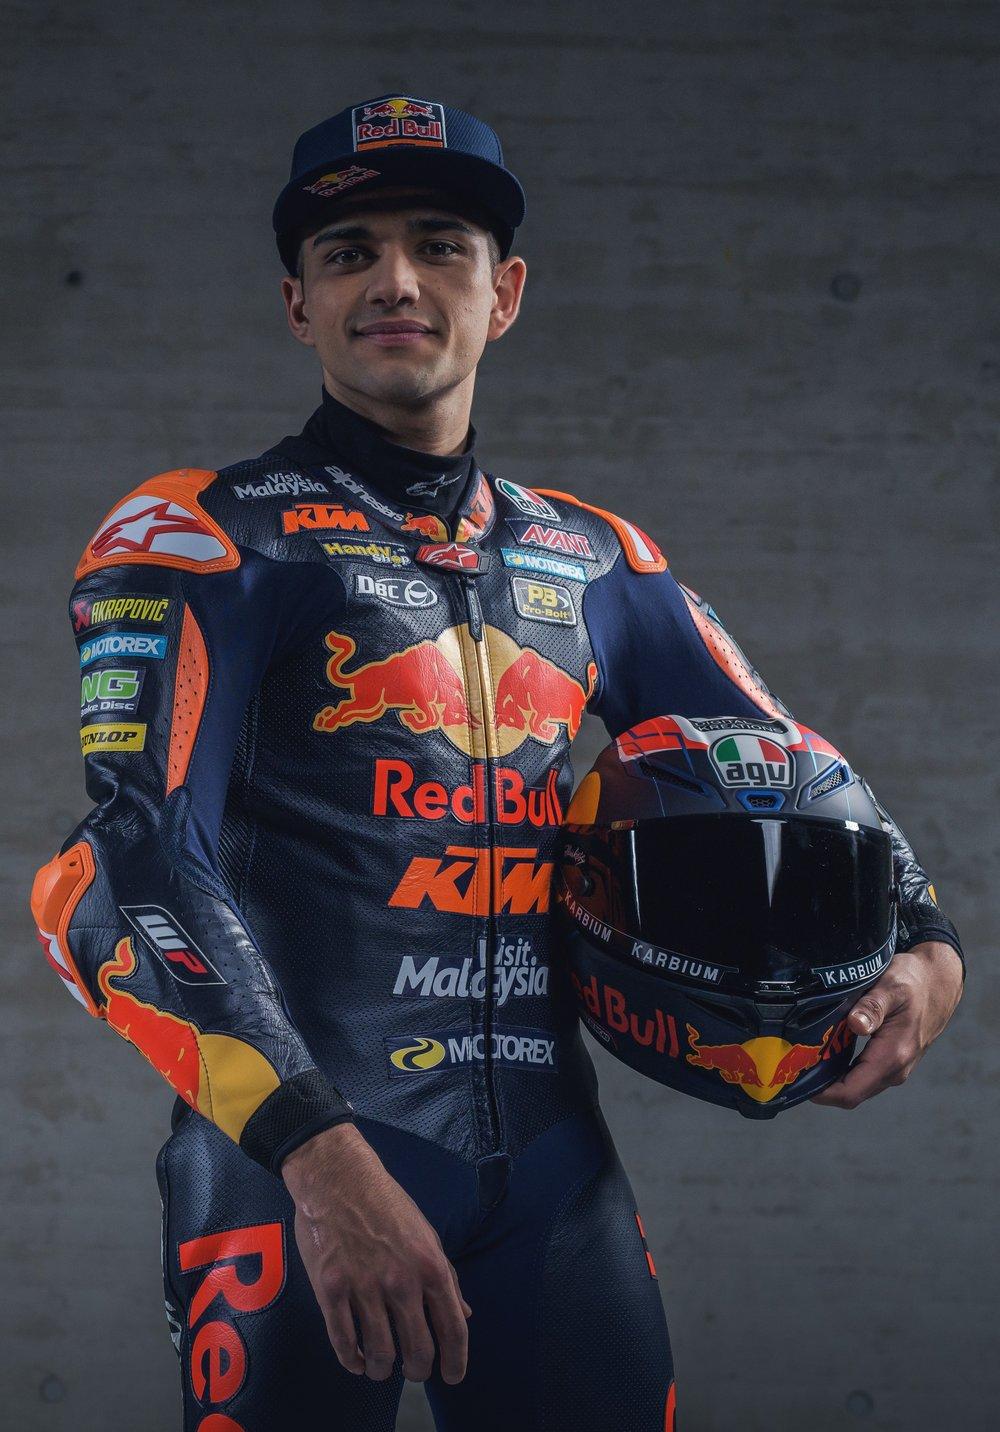 """Biografía - Jorge Martín debutaba en la Red Bull MotoGP Rookies Cup durante la temporada 2012, tras unos inicios plagados de éxitos en las categorías inferiores. Al año siguiente finalizaba subcampeón de la copa de promoción internacional por detrás de Karel Hanika.En 2014 se proclamaba campeón a final de temporada de la prestigiosa competición, convirtiéndose al mismo tiempo en el primer español en lograrlo.Estos brillantes resultados le abren las puertas del Campeonato del Mundo de Moto3™ con el equipo Mapfre Mahindra Aspar, en el que milita durante dos temporadas. Durante la temporada 2016 lograba subir al podio por primera vez con la Mahindra, en el circuito de Brno (República Checa).En 2017 se une a las filas de Gresini Racing Moto3 al manillar de una Honda, una de las novedades más destacadas de la categoría. Con el equipo italiano ha conseguido 9 poles (record absoluto de la categoría), 9 podios, y su primera victoria mundialista, en el circuito Ricardo Tormo de Cheste.En la temporada 2018, su segunda temporada con el equipo, logra el ansiado título de Campeón del Mundo, con siete victorias y diez podios. Al mismo tiempo consigue batir el record de """"pole positions"""" en la categoría de Moto3 que él mismo ostentaba con 9,elevándolo hasta las once poles en una sola temporada.2019 supone el cambio de equipo y categoría, fichando por el equipo Red Bull KTM Ajo Motorsport para disputar la categoría de MOTO2."""